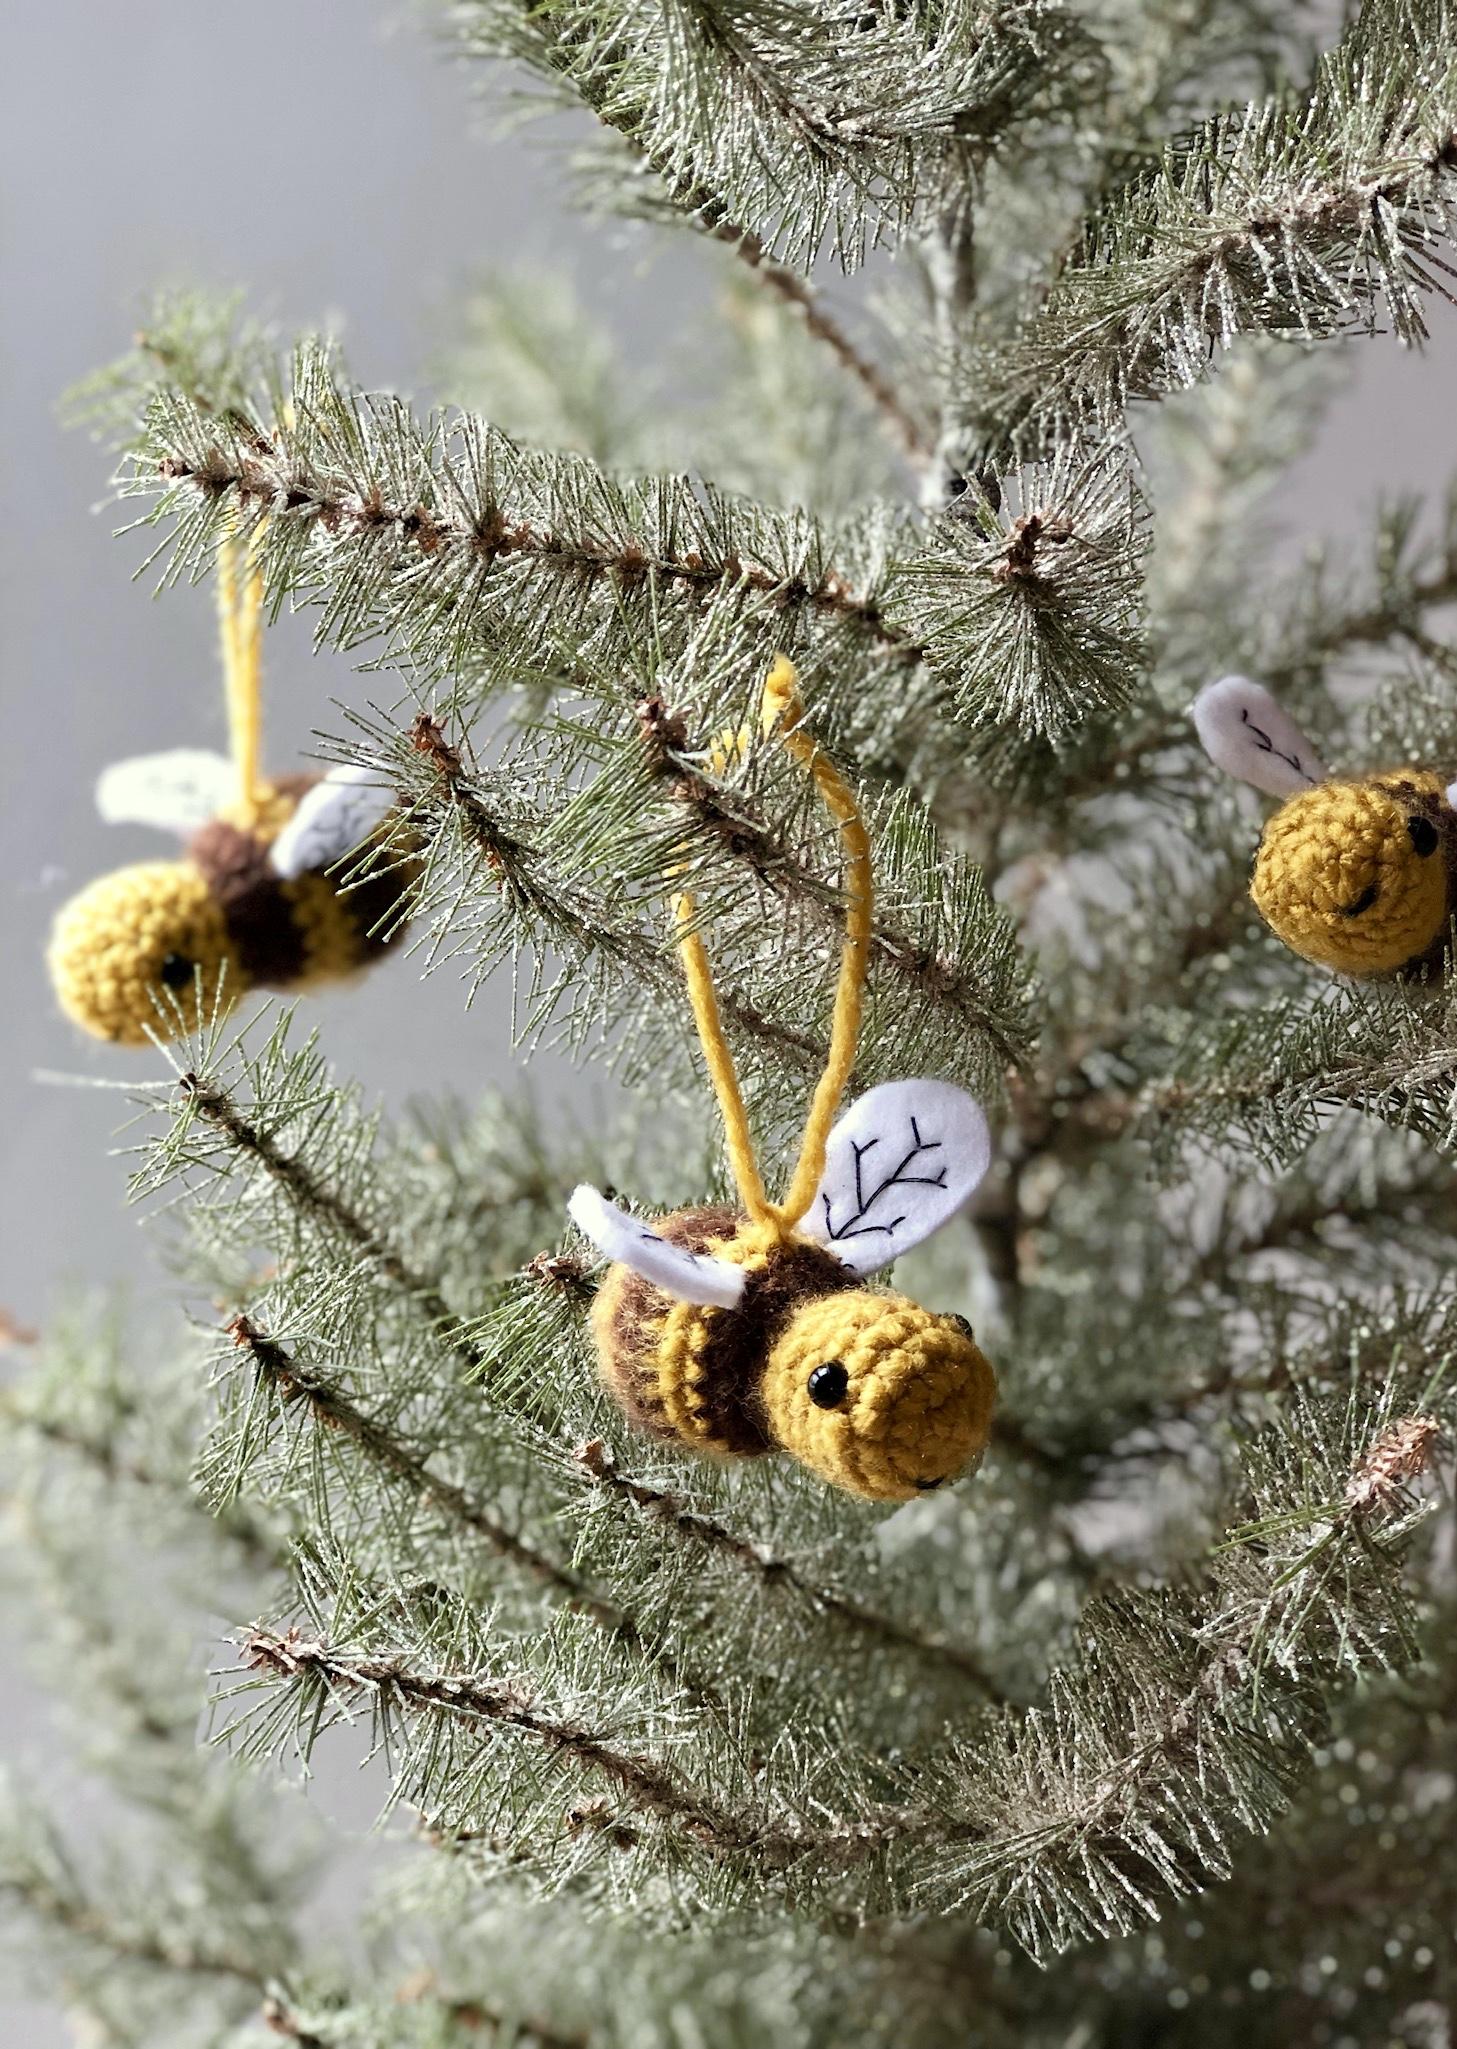 Honey Bee Amigurumi- 2 Different Ways Blog Post